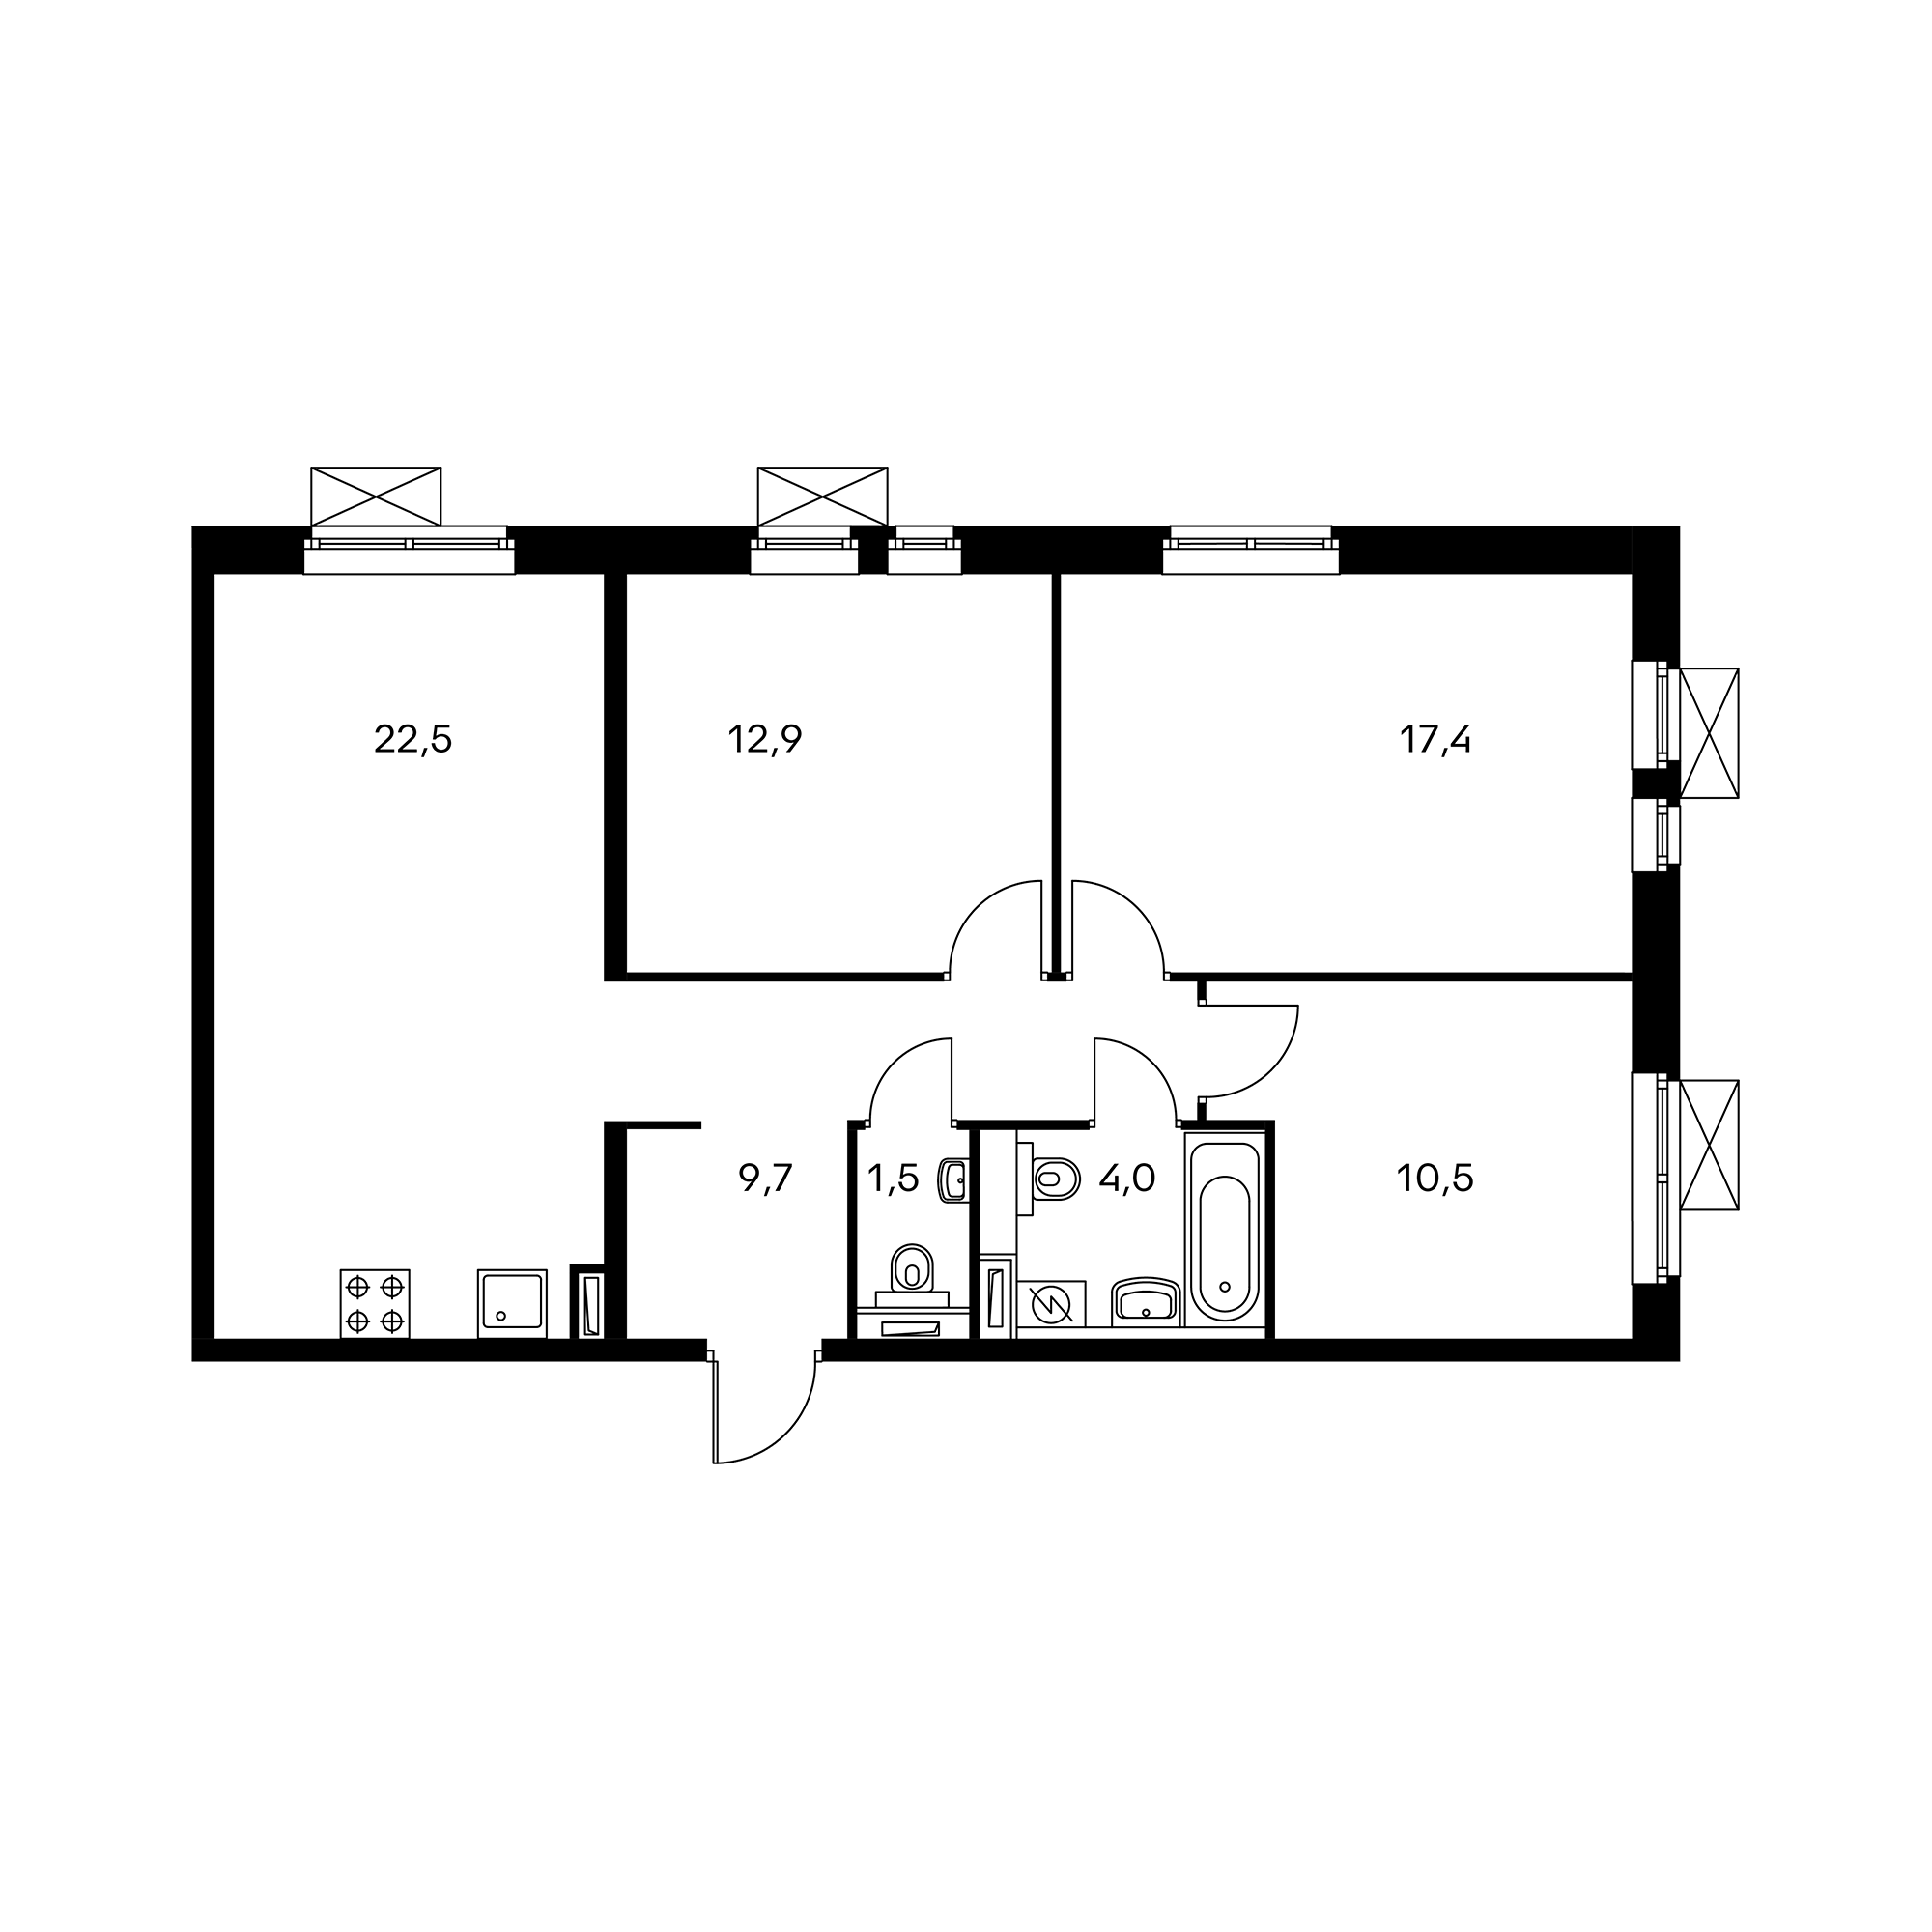 3EM21_6.9-1_Т_Z4